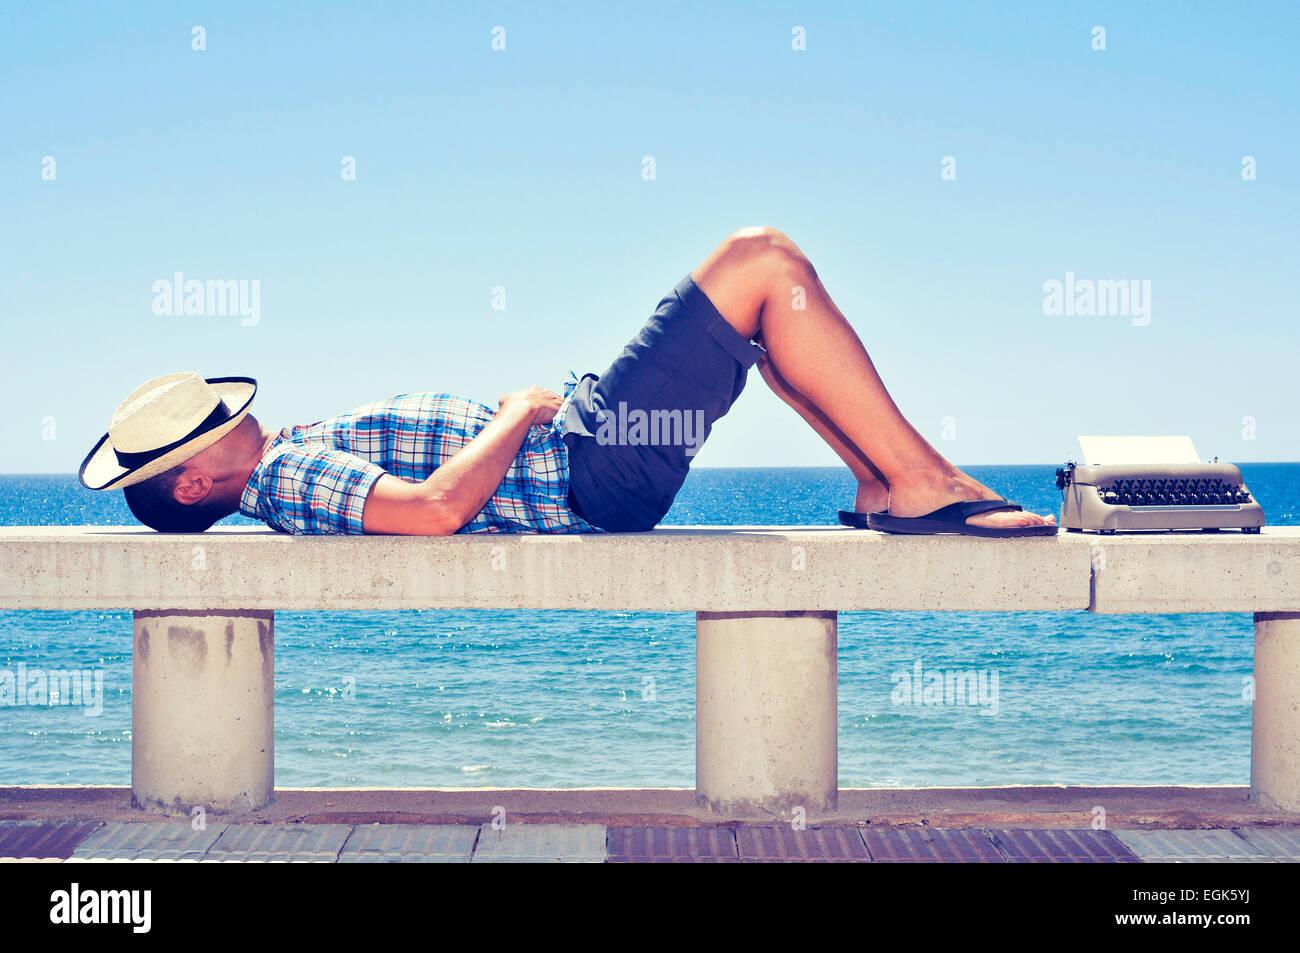 Una vieja máquina con una página en blanco y un joven acostado en un banco cerca de la calle del mar, Imagen De Stock